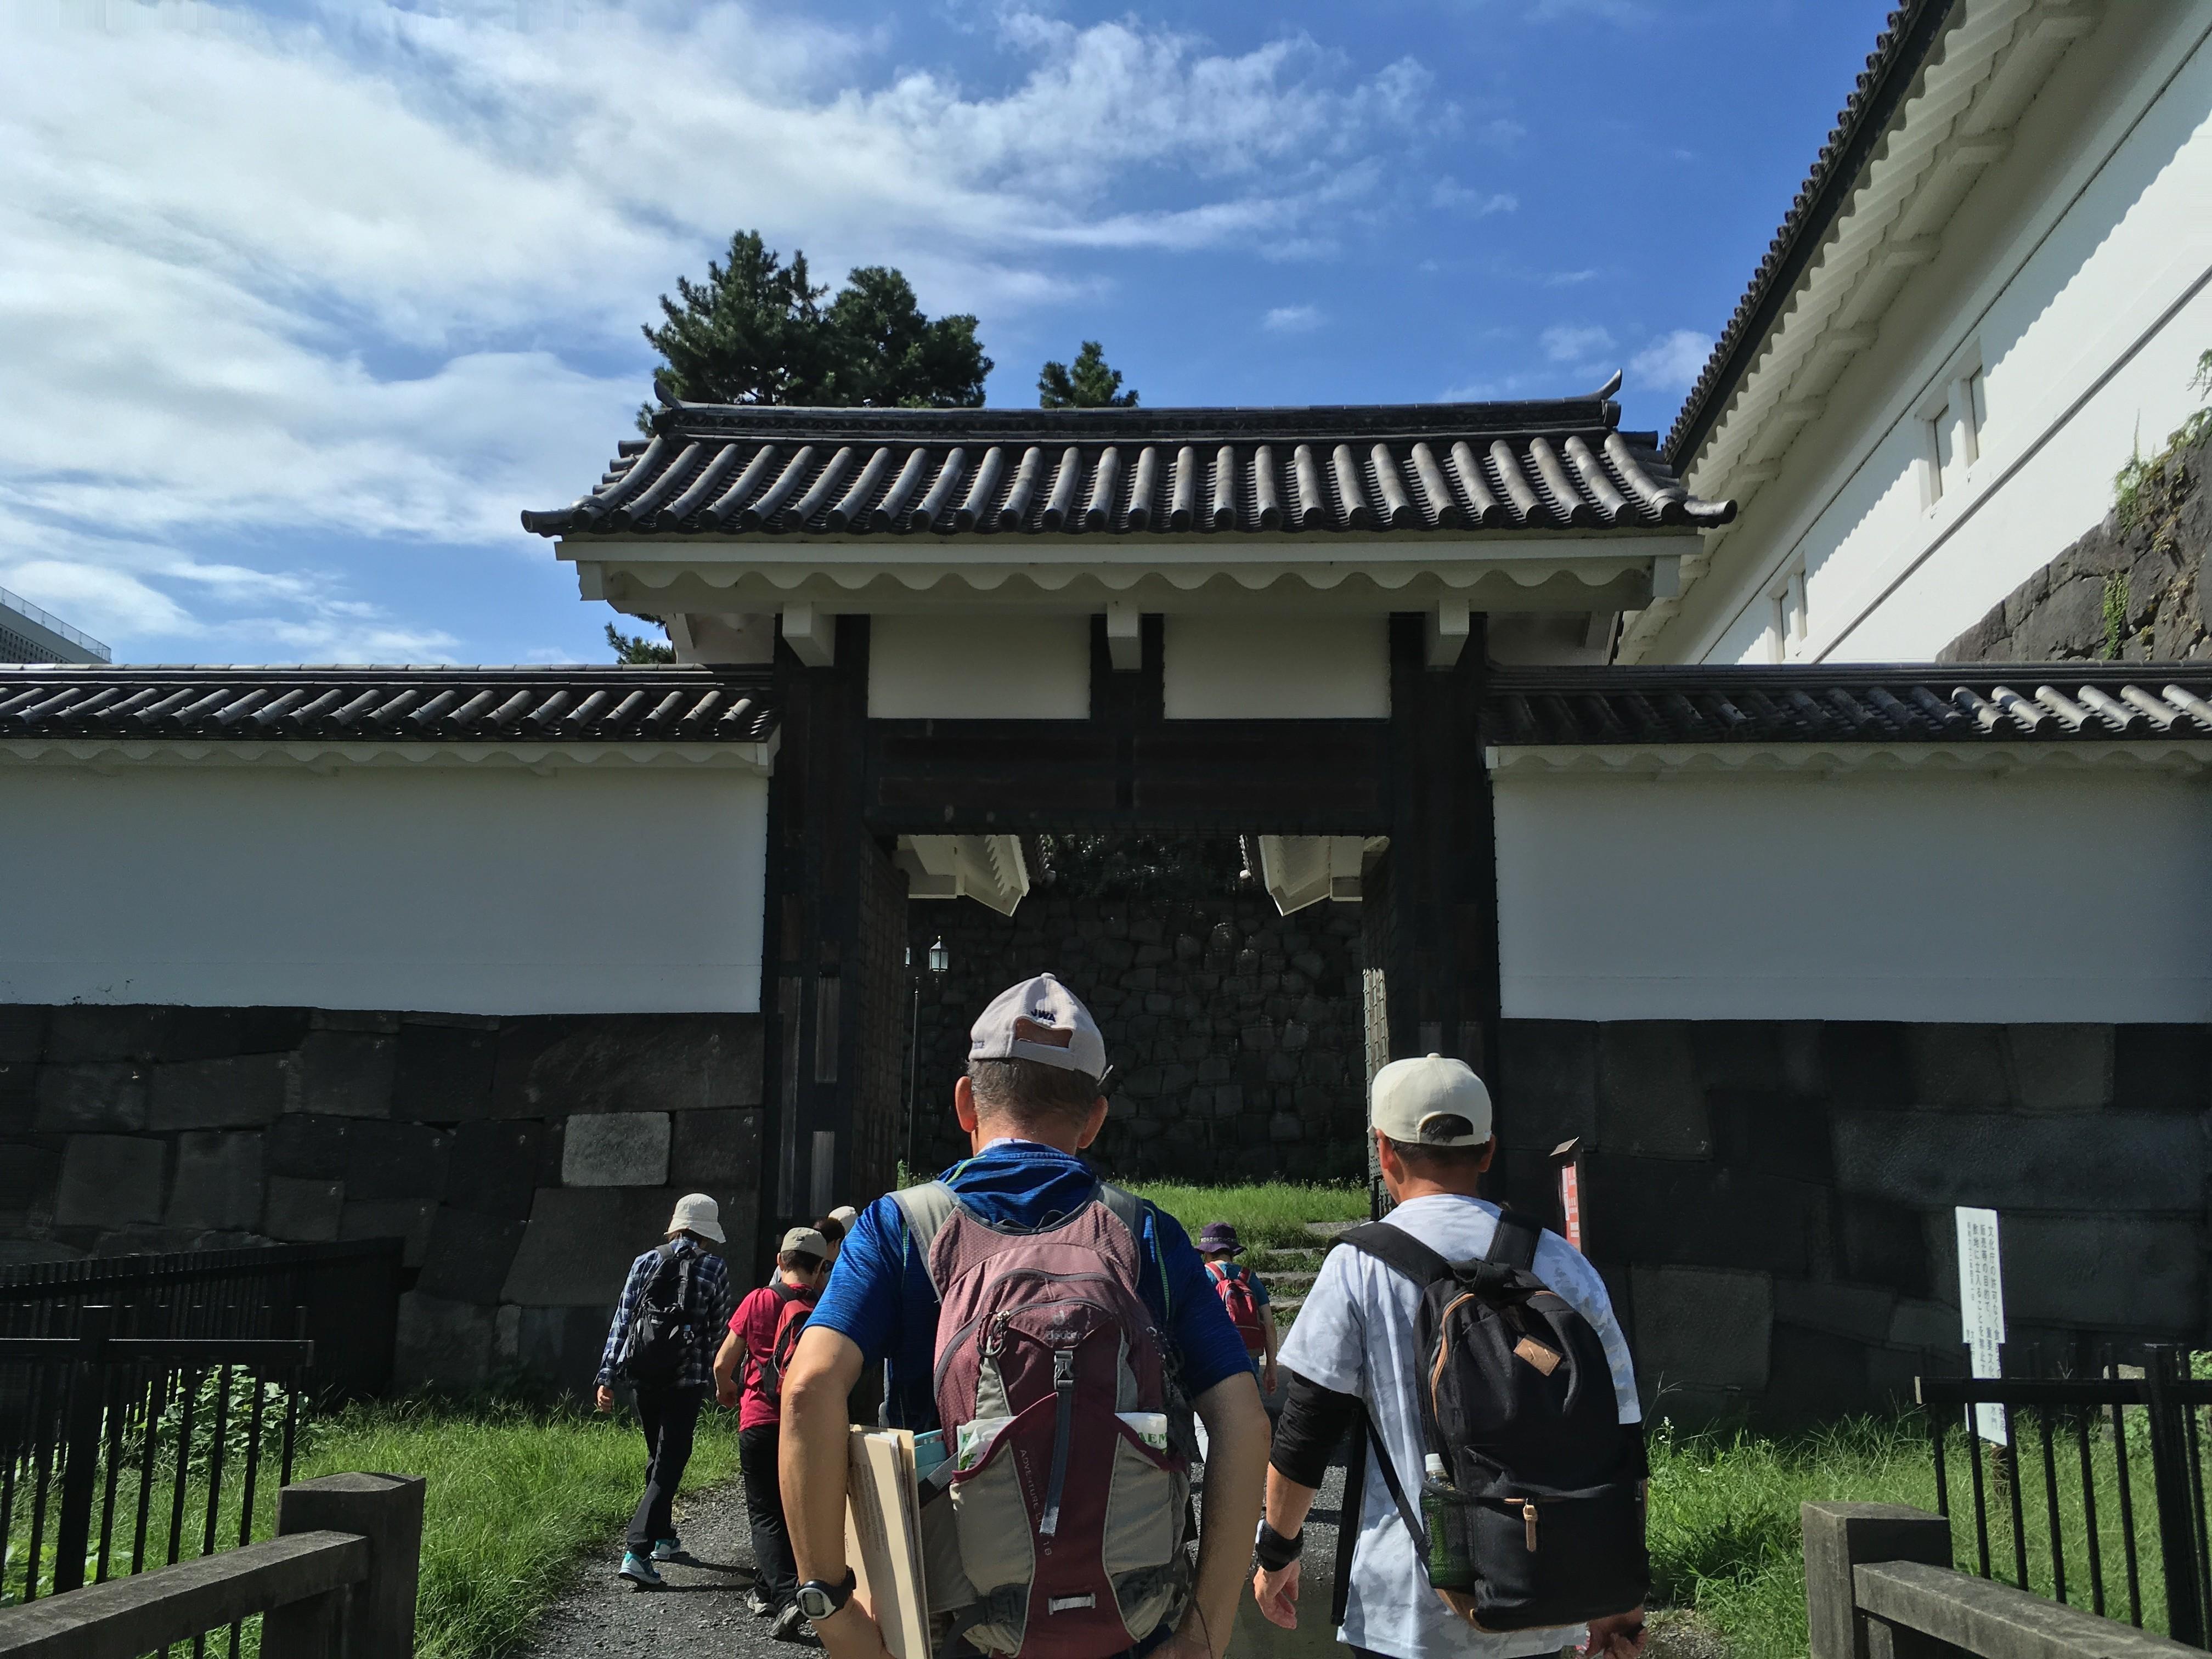 清水門向かう歩道